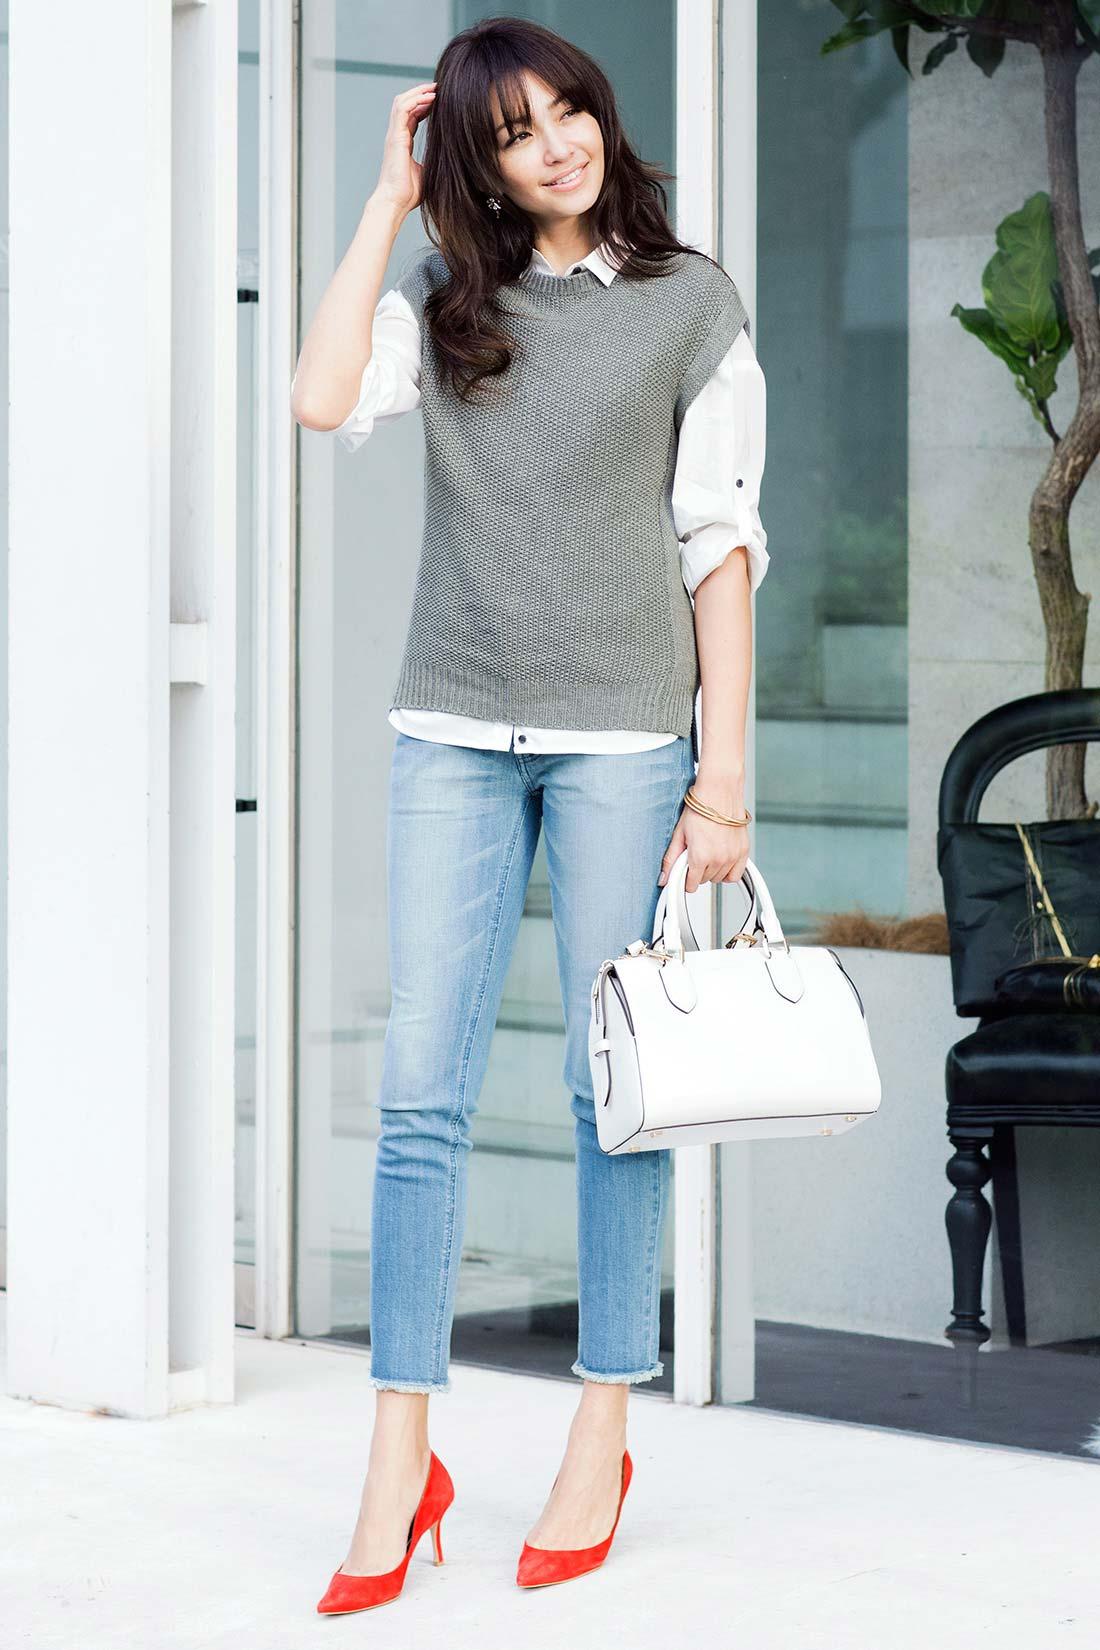 女らしくより自分らしく。その余裕が、気負わないデニムのおしゃれを素敵に魅せる。シャツやバッグのホワイトの差し色できちんと感もぬかりなく、足もとはレディーに彩って。